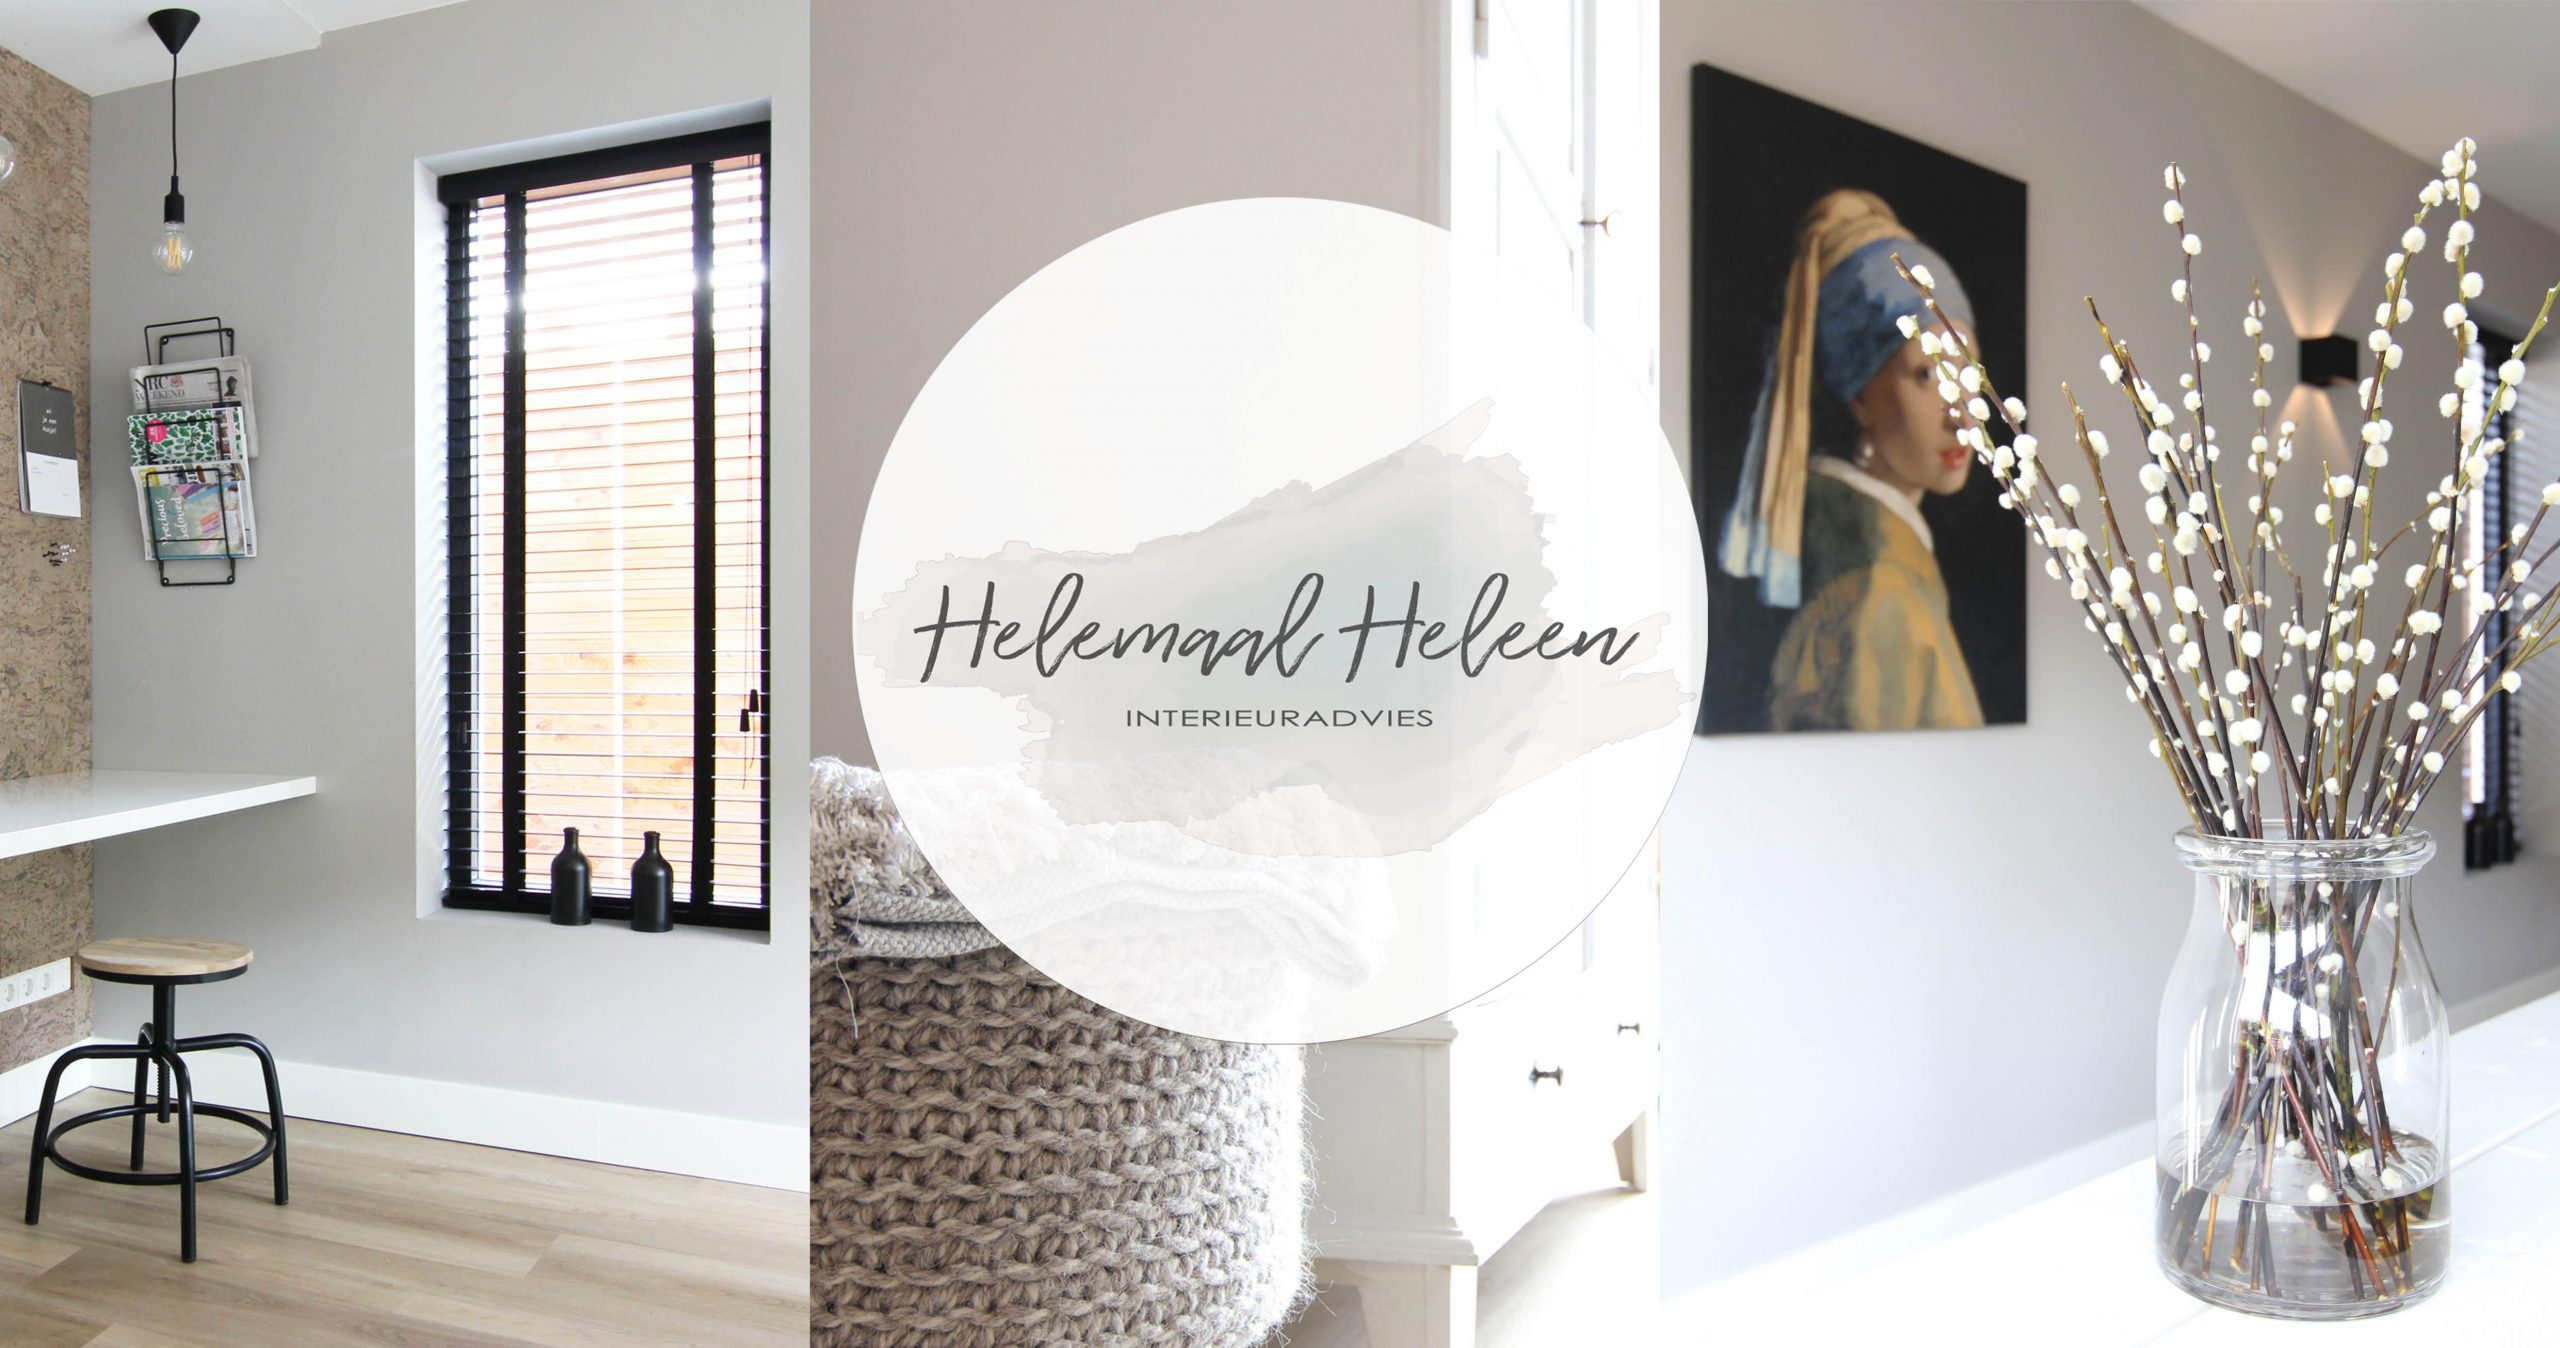 Helemaal Heleen – Home